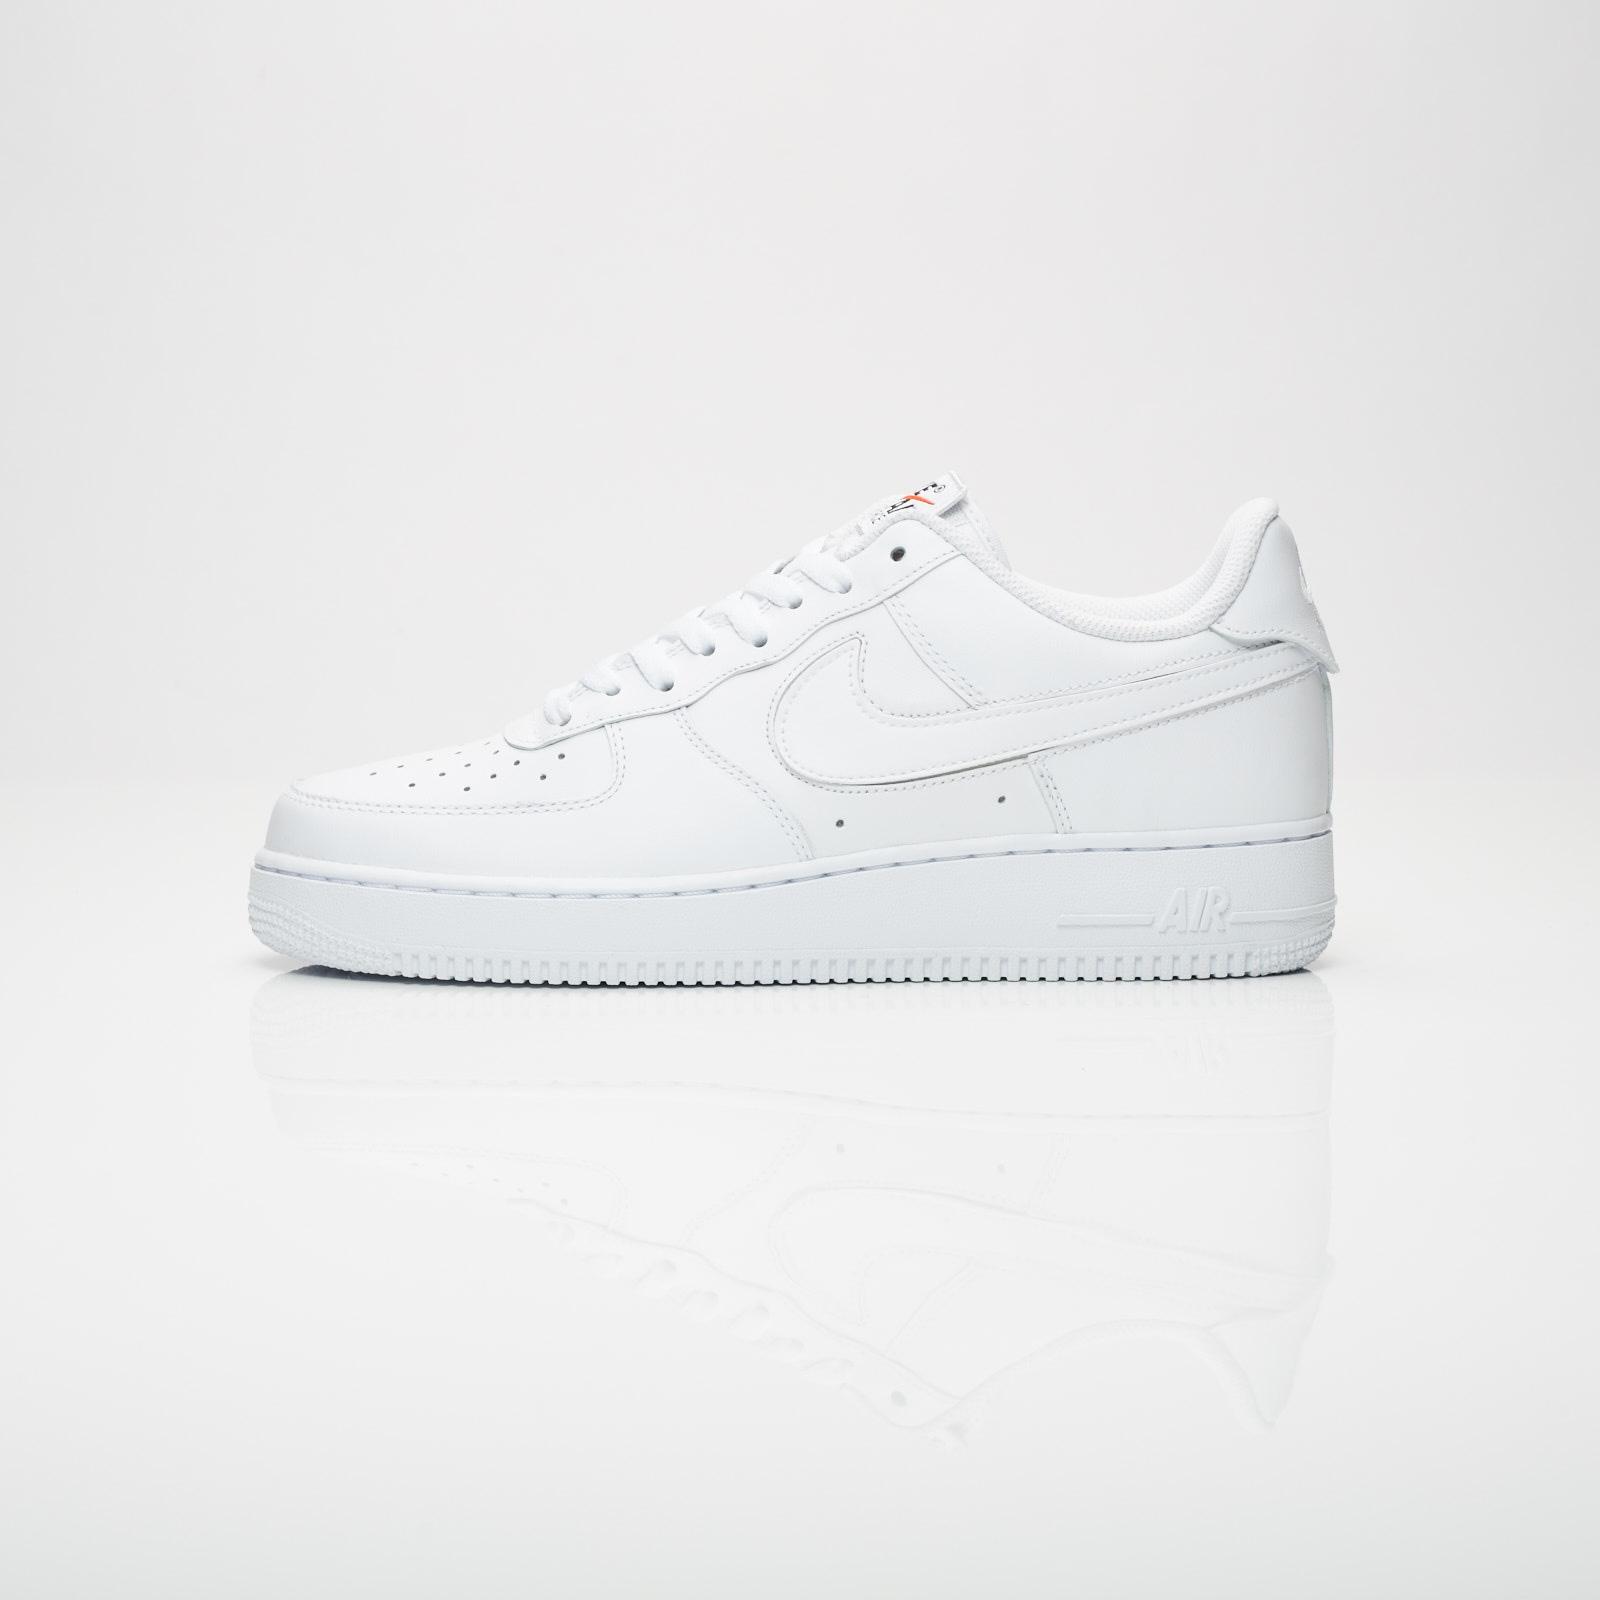 Nike Air Force 1 07 QS Ah8462 102 Sneakersnstuff